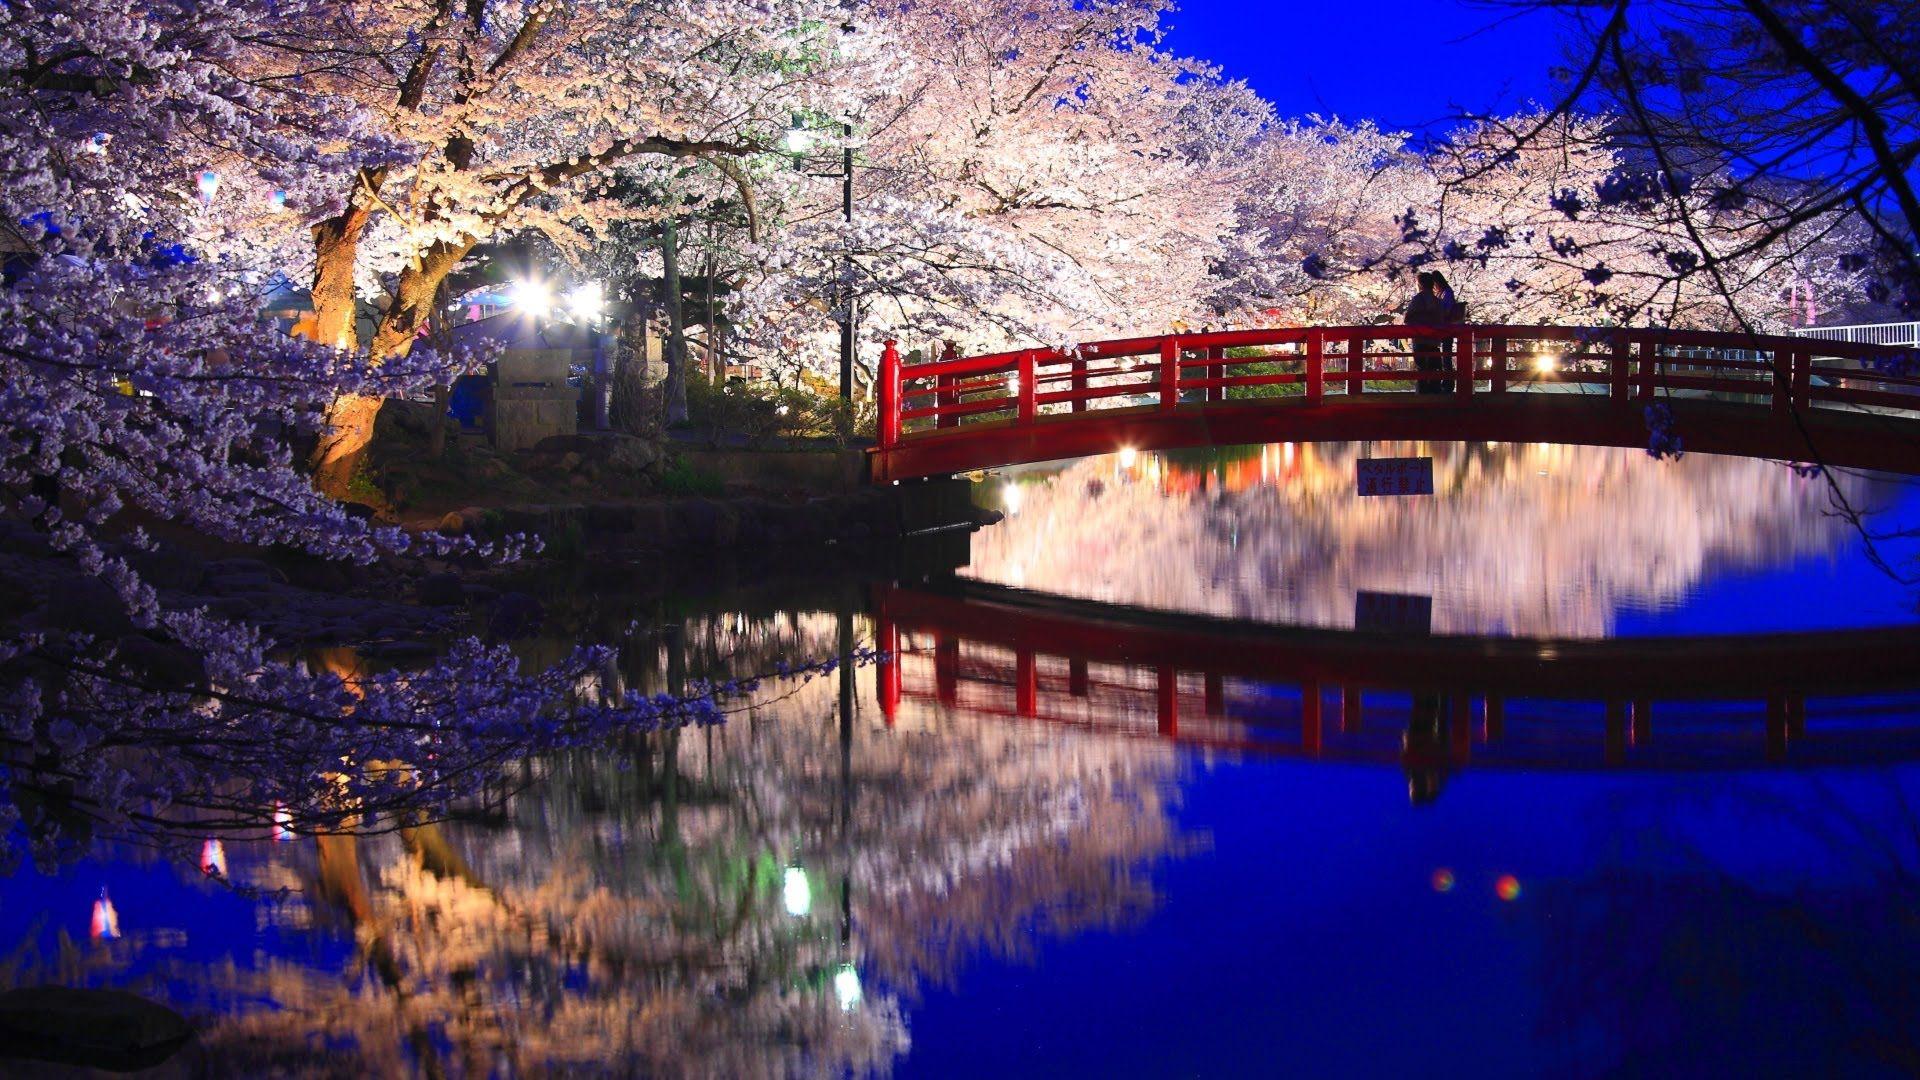 日本地�_景色画像-Google検索|ホームアイデア|日本の風景、夜桜